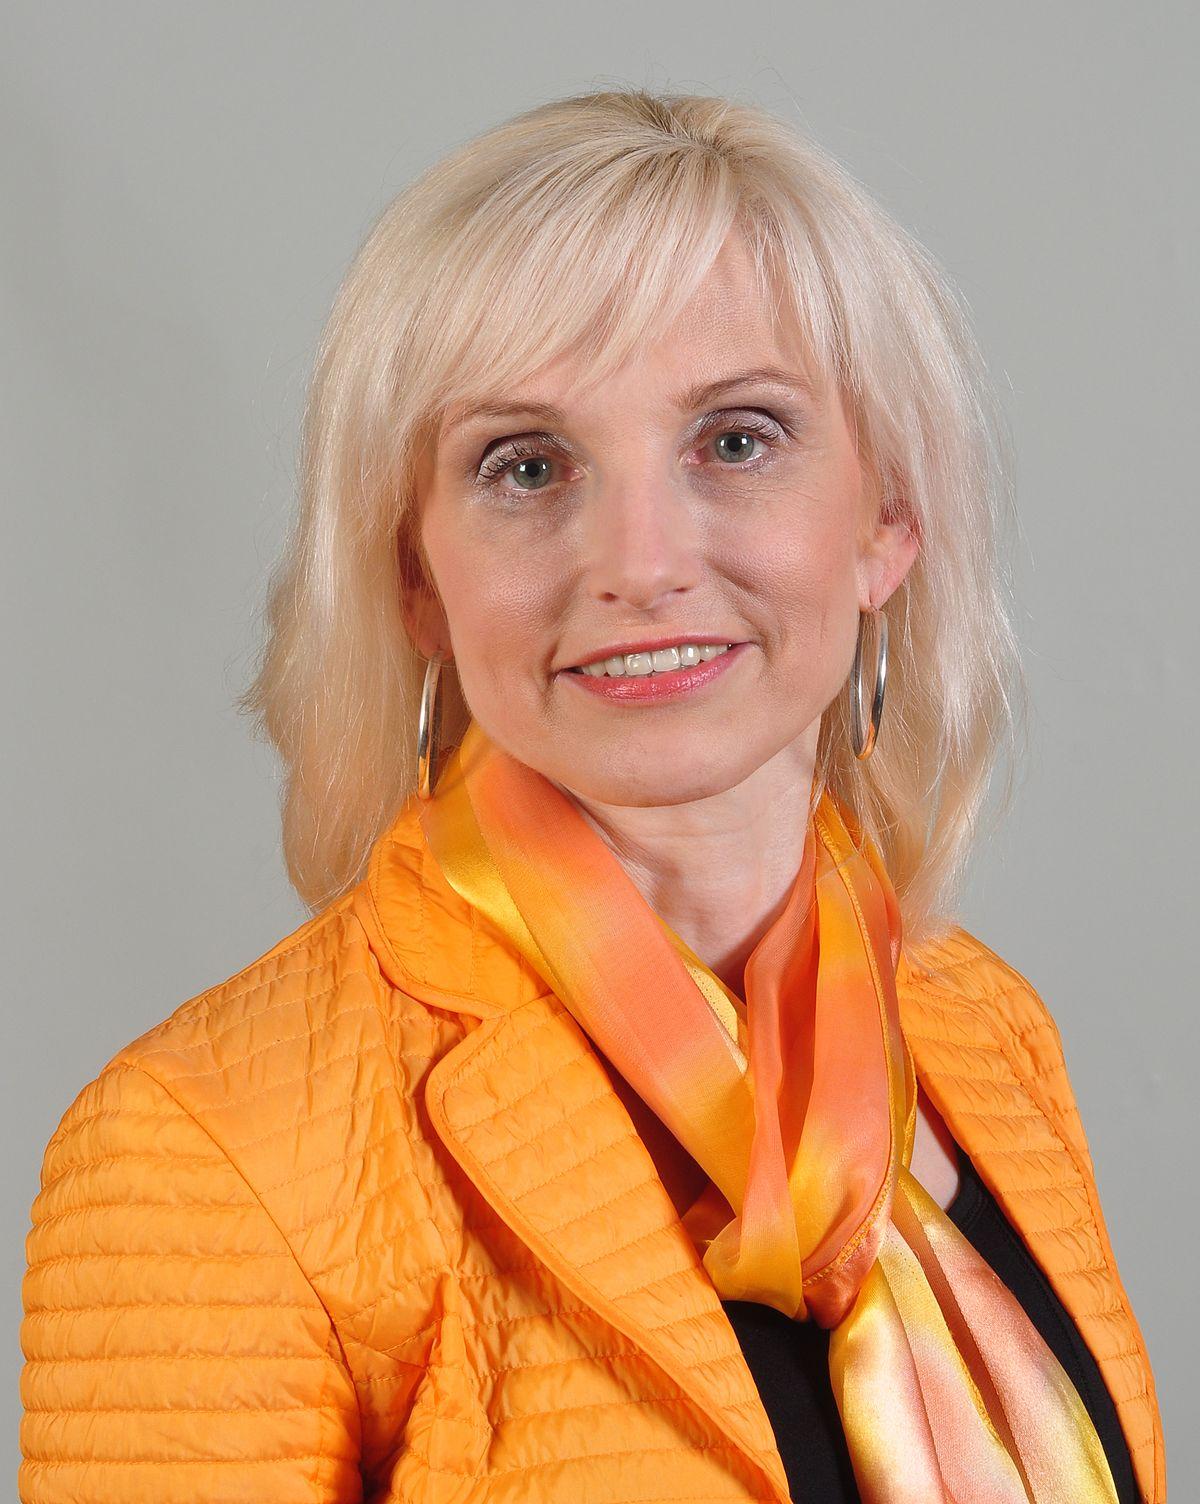 Margret Seemann